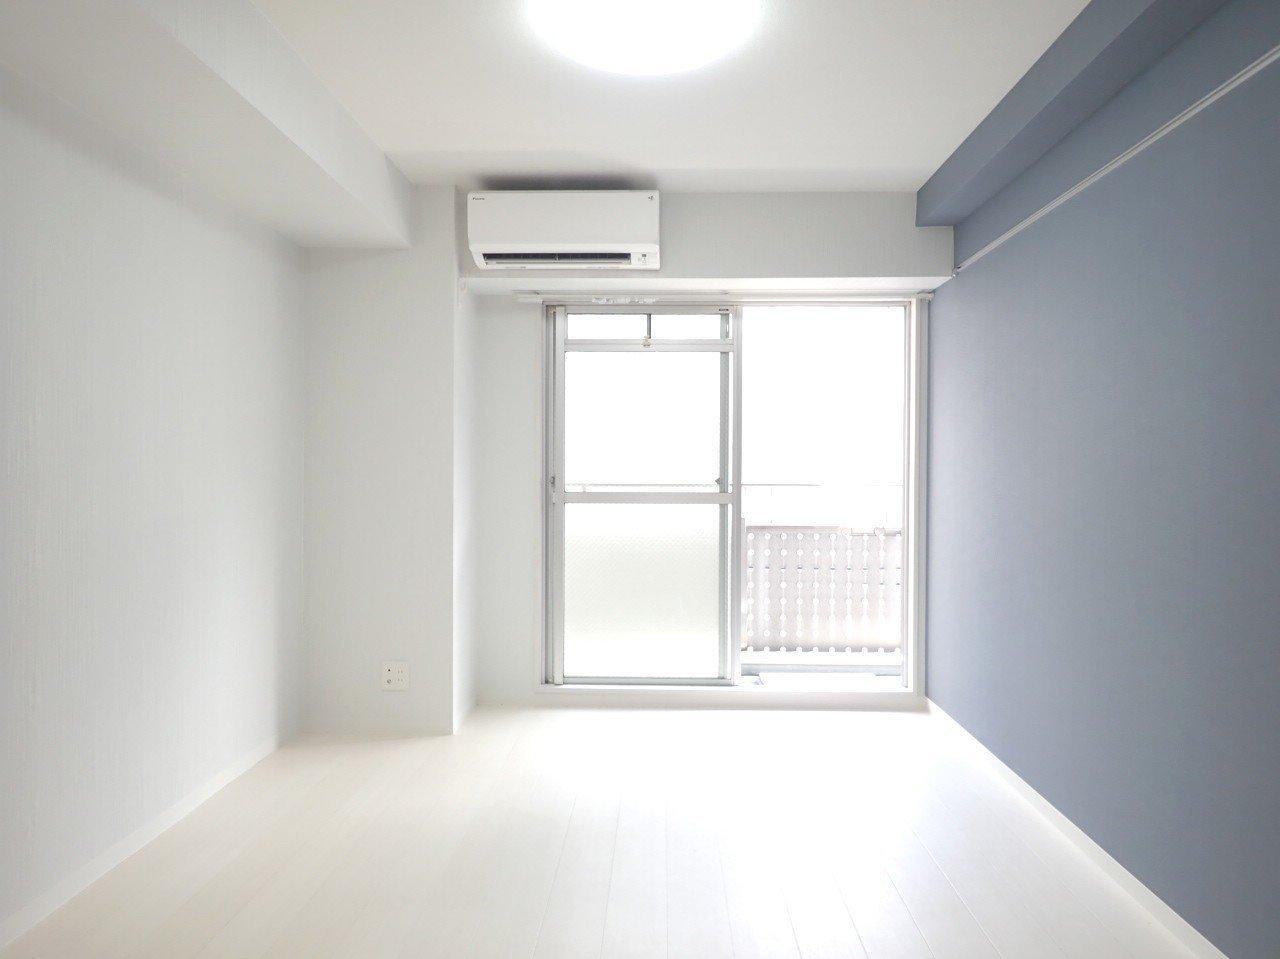 リビングと、もうひとつのお部屋も同じような形で、それぞれ10畳近い広さがあります。淡い色合いの壁紙が落ち着きますね。ひとり暮らしでも、ふたり暮らしでも十分できそうです。